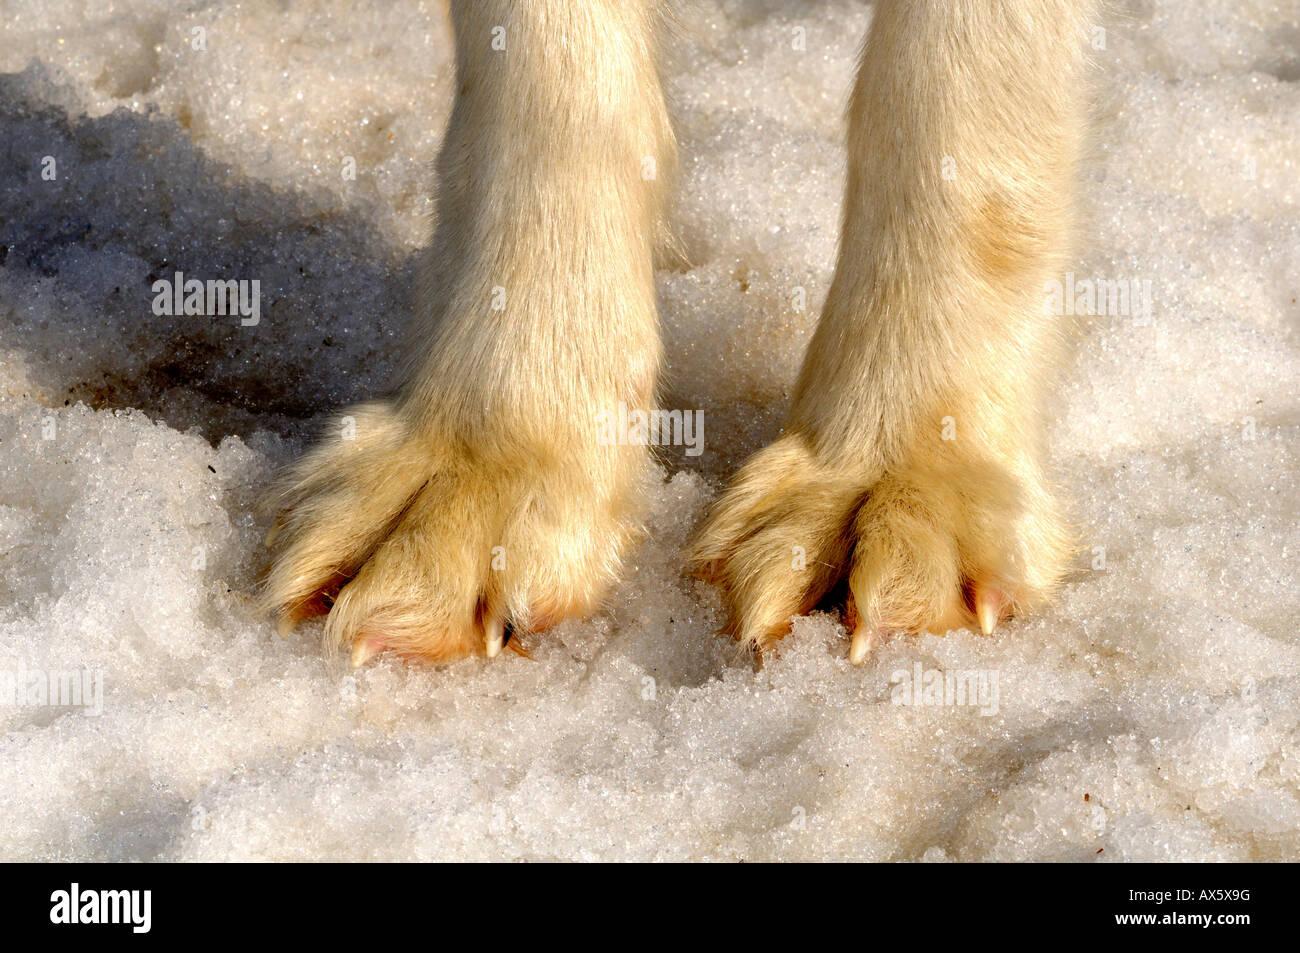 Sled dog's paws Stock Photo